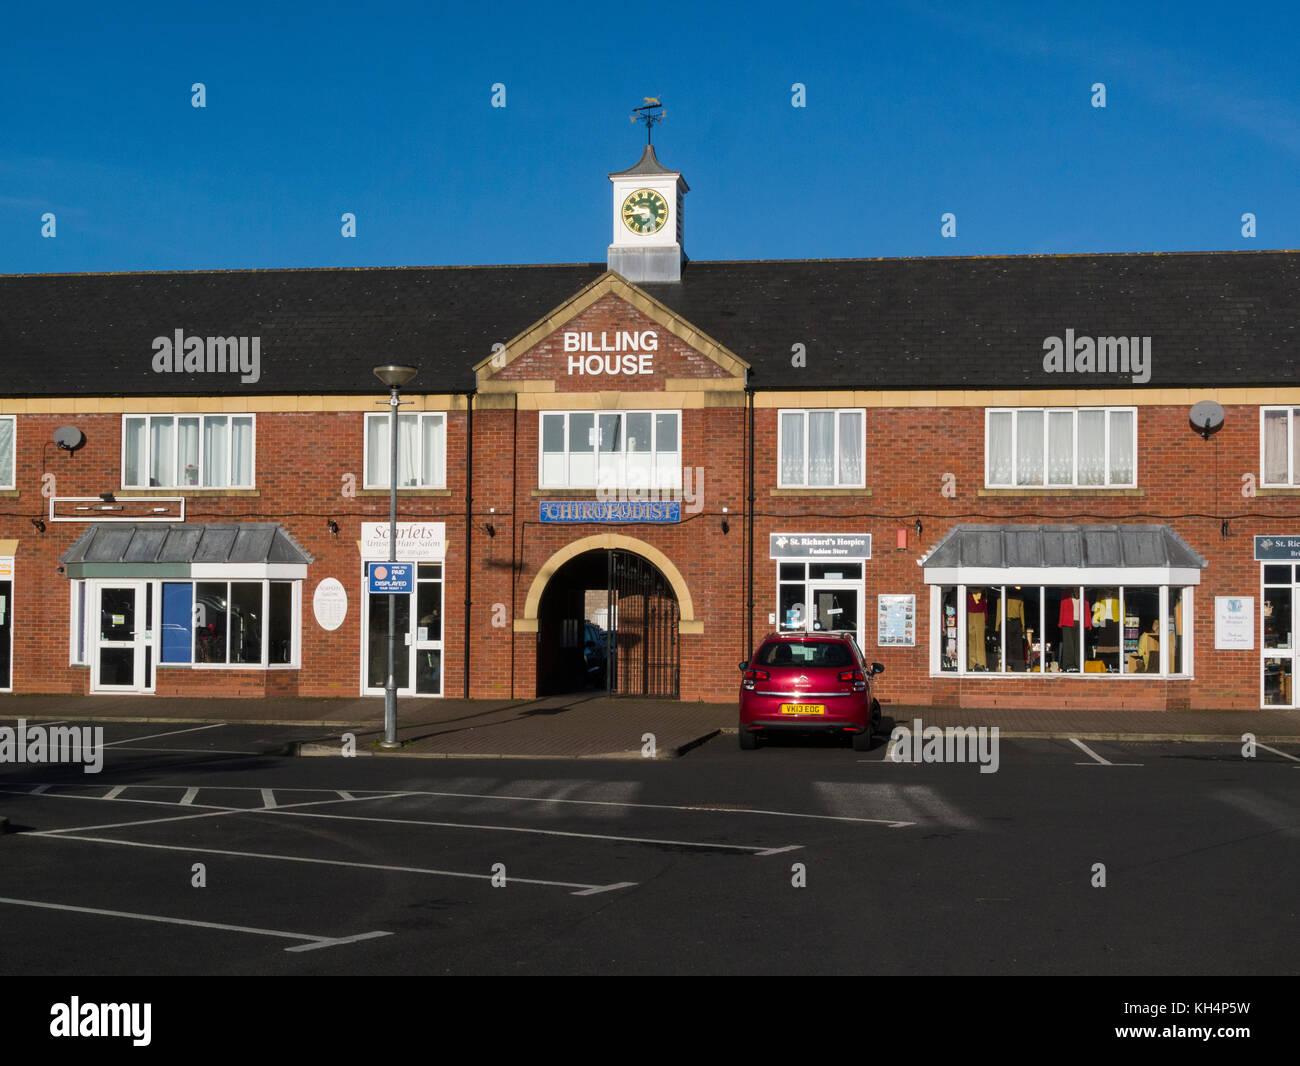 Billing House Pershore Market Worcestershire England UK - Stock Image